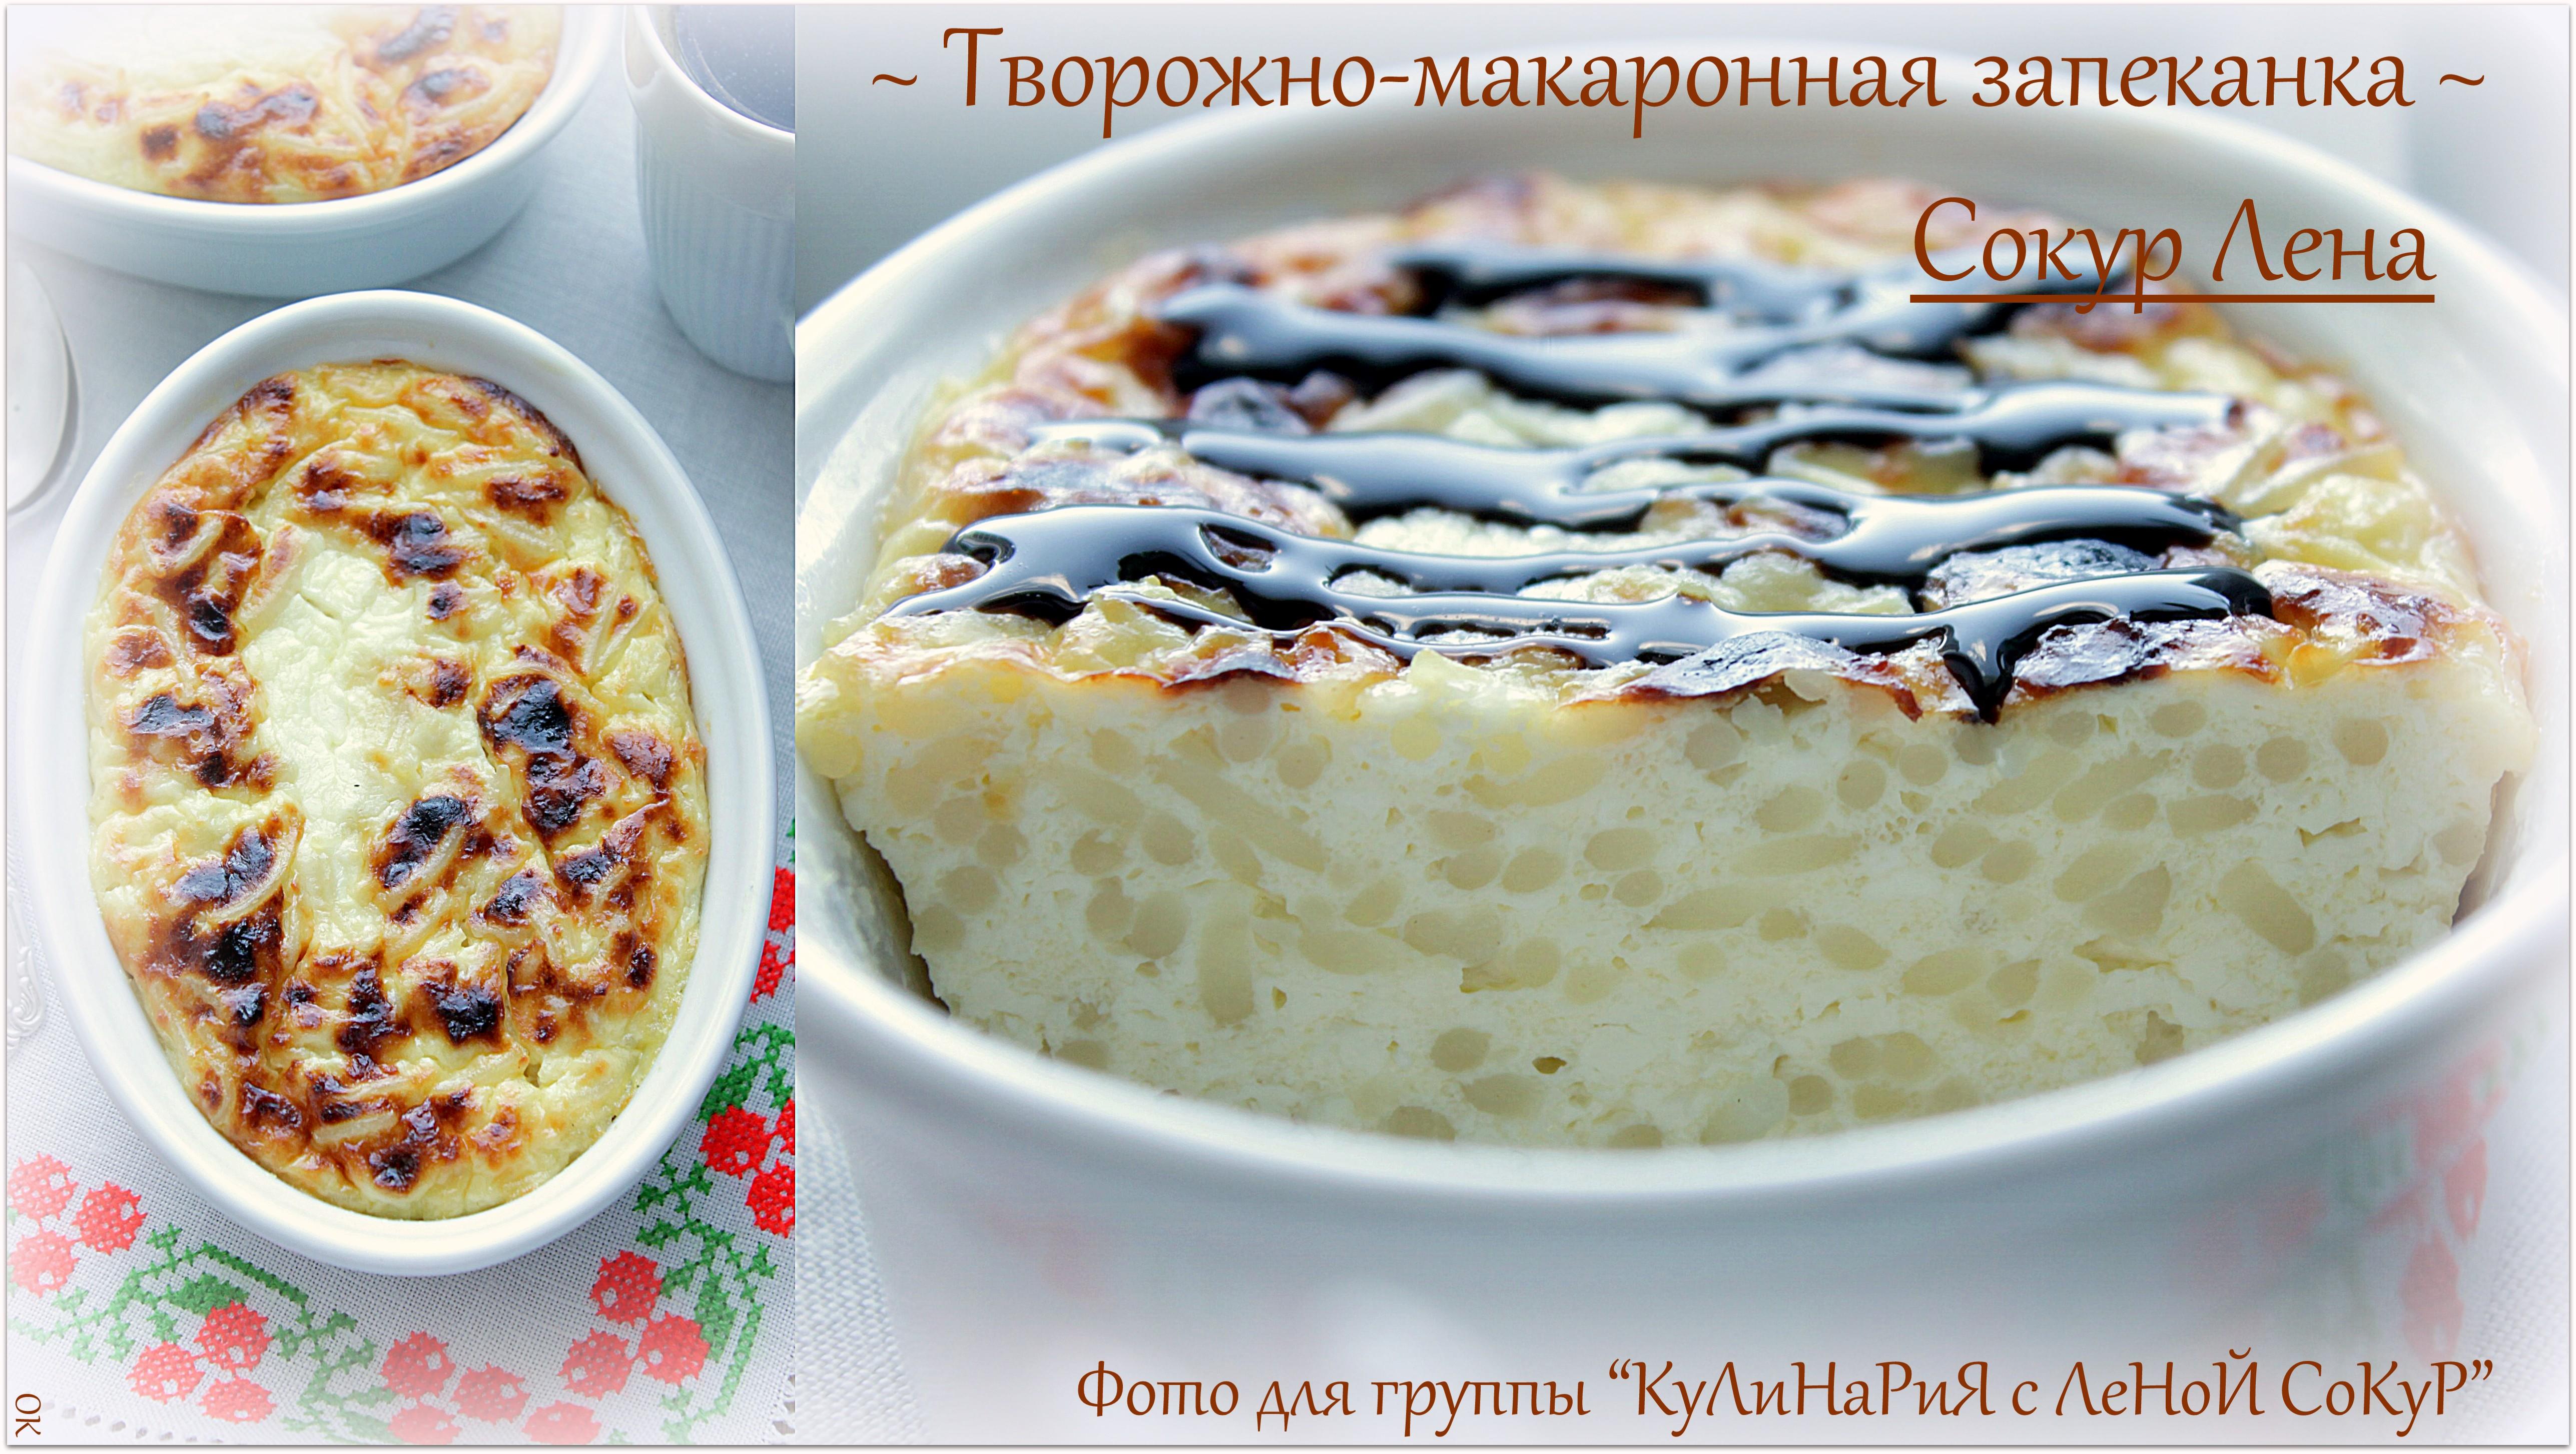 Макароны с творогом рецепт запеканка